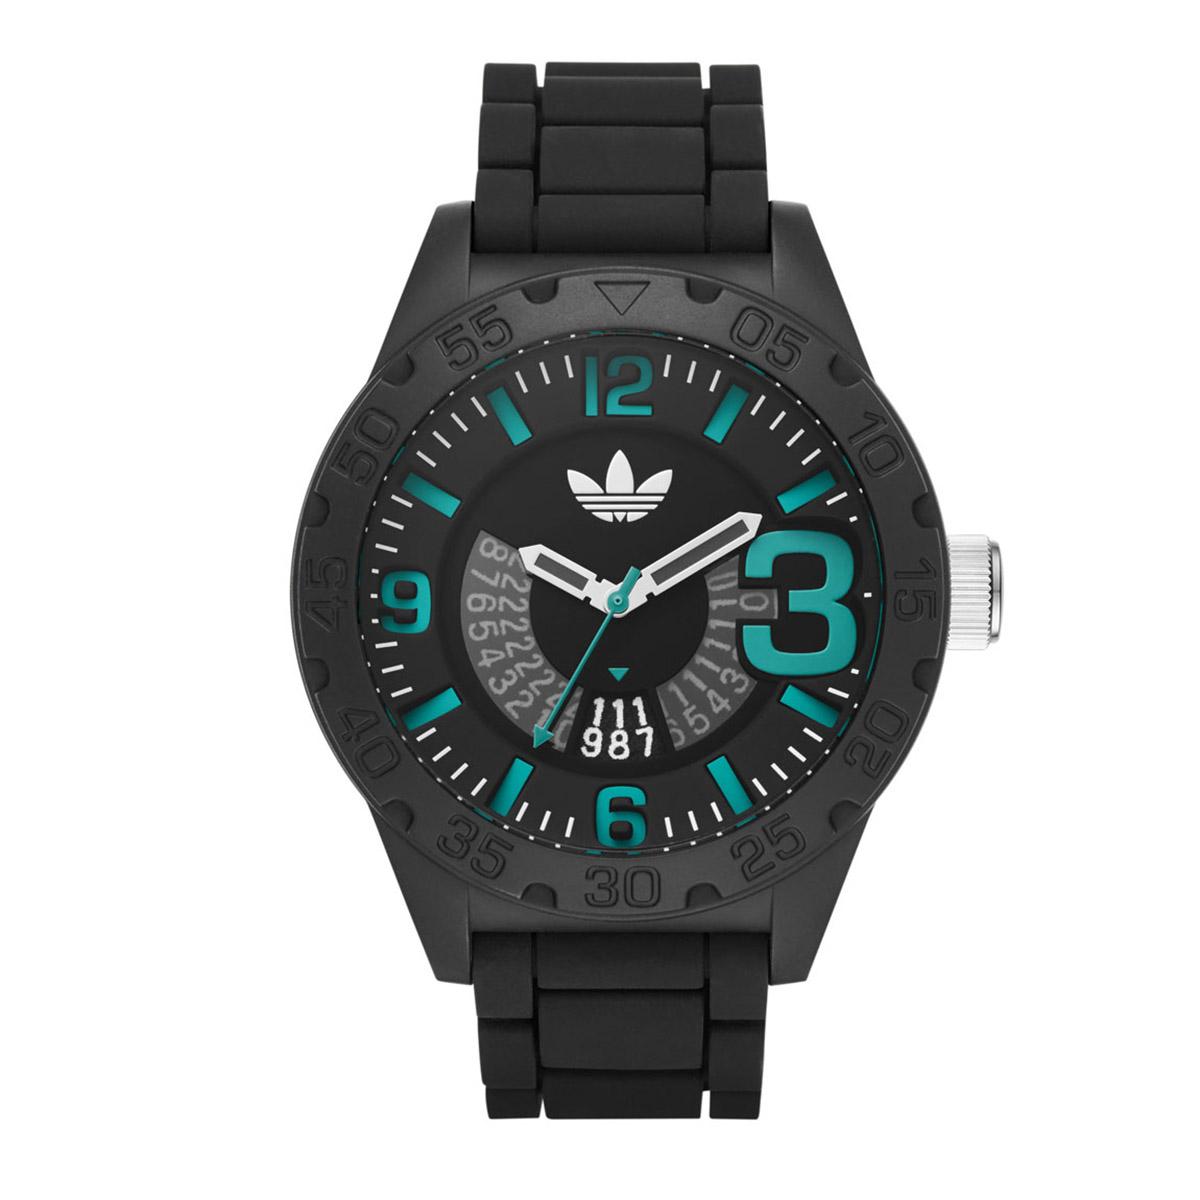 นาฬิกาผู้ชาย Adidas รุ่น ADH311